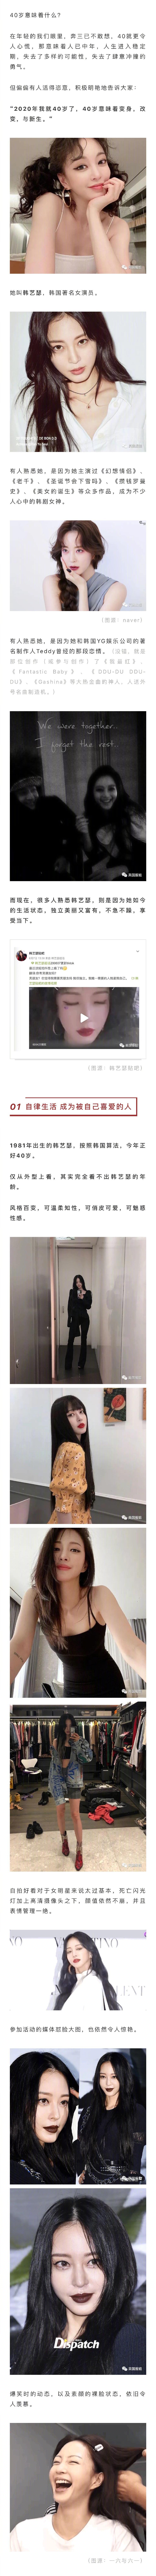 韩国40岁冻龄女神韩艺瑟